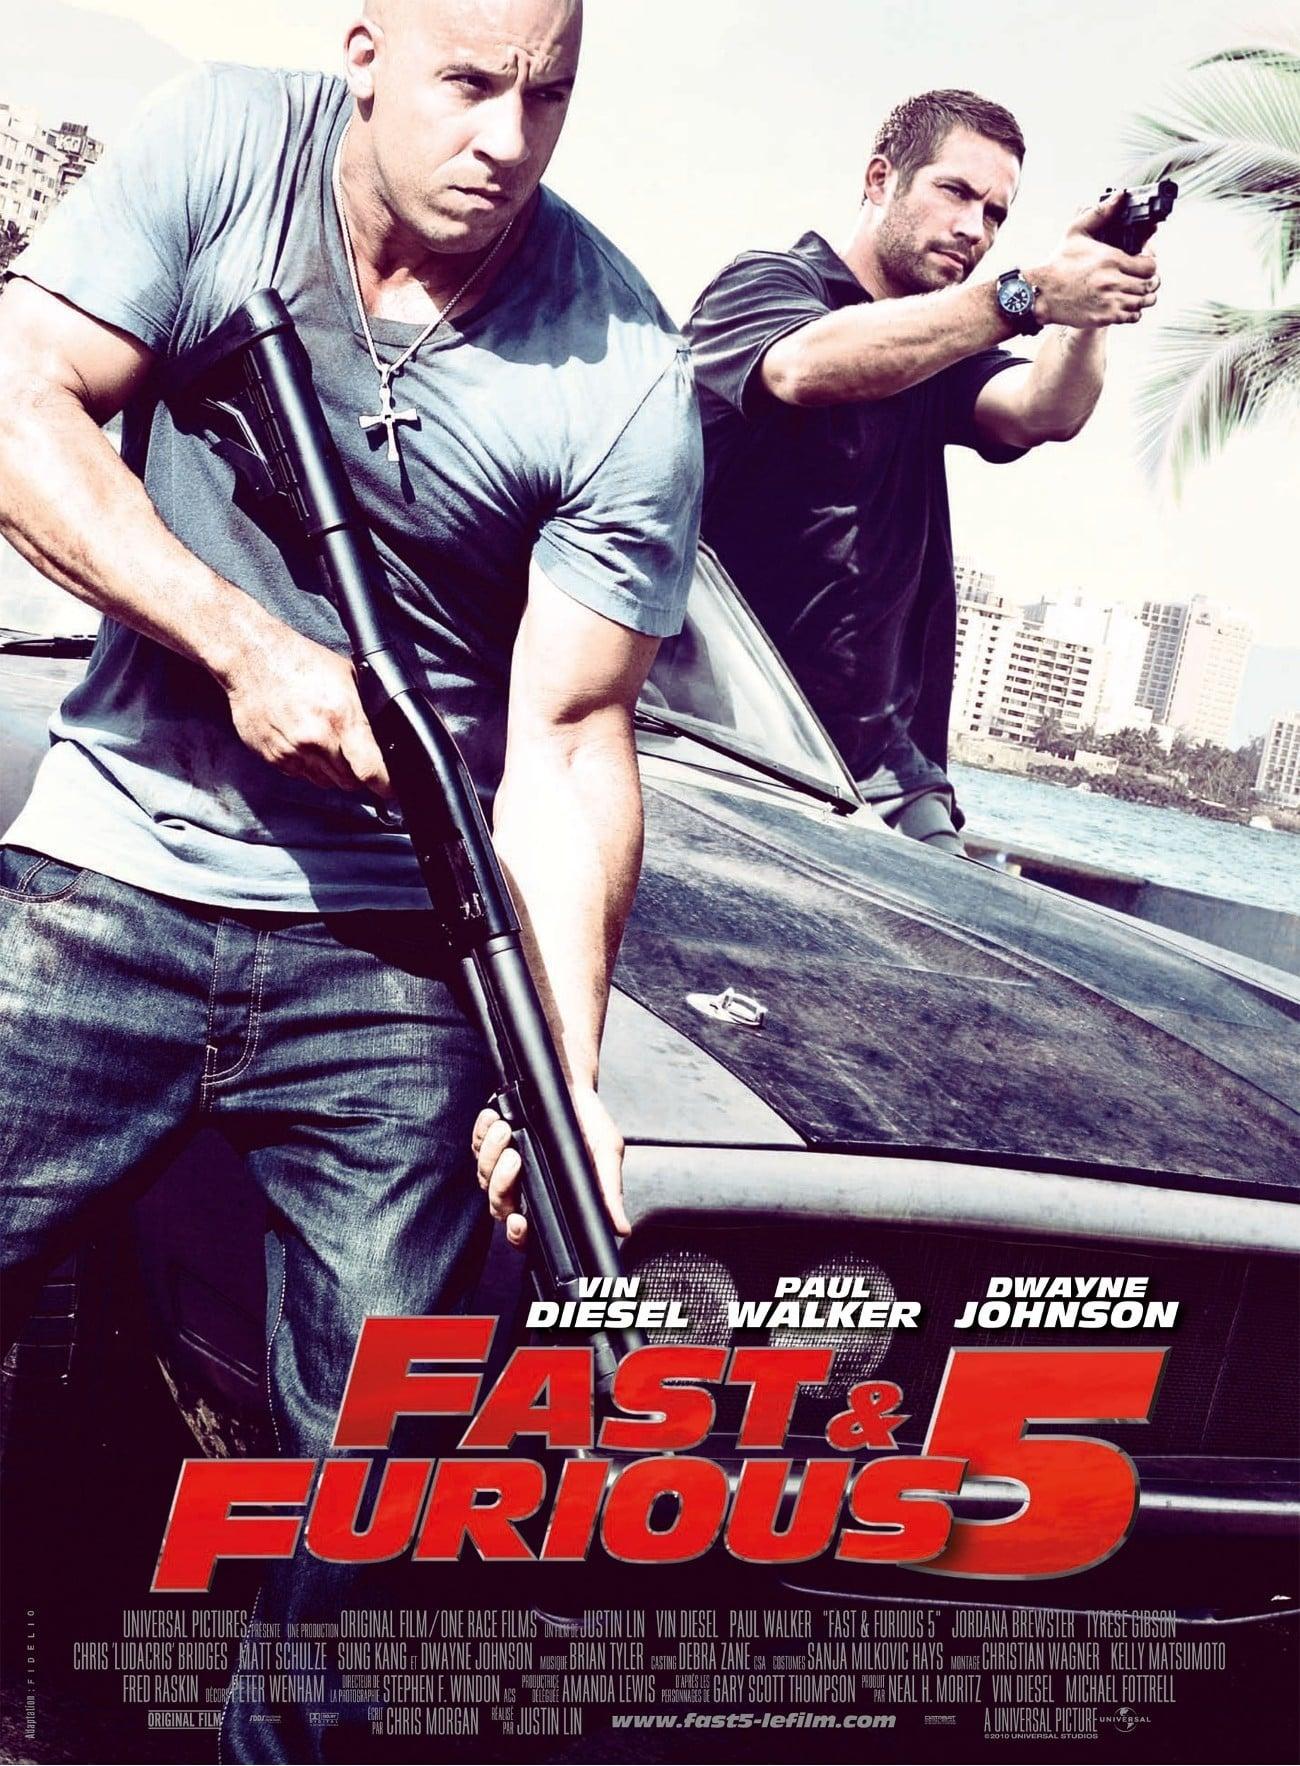 affiche du film Fast & Furious 5